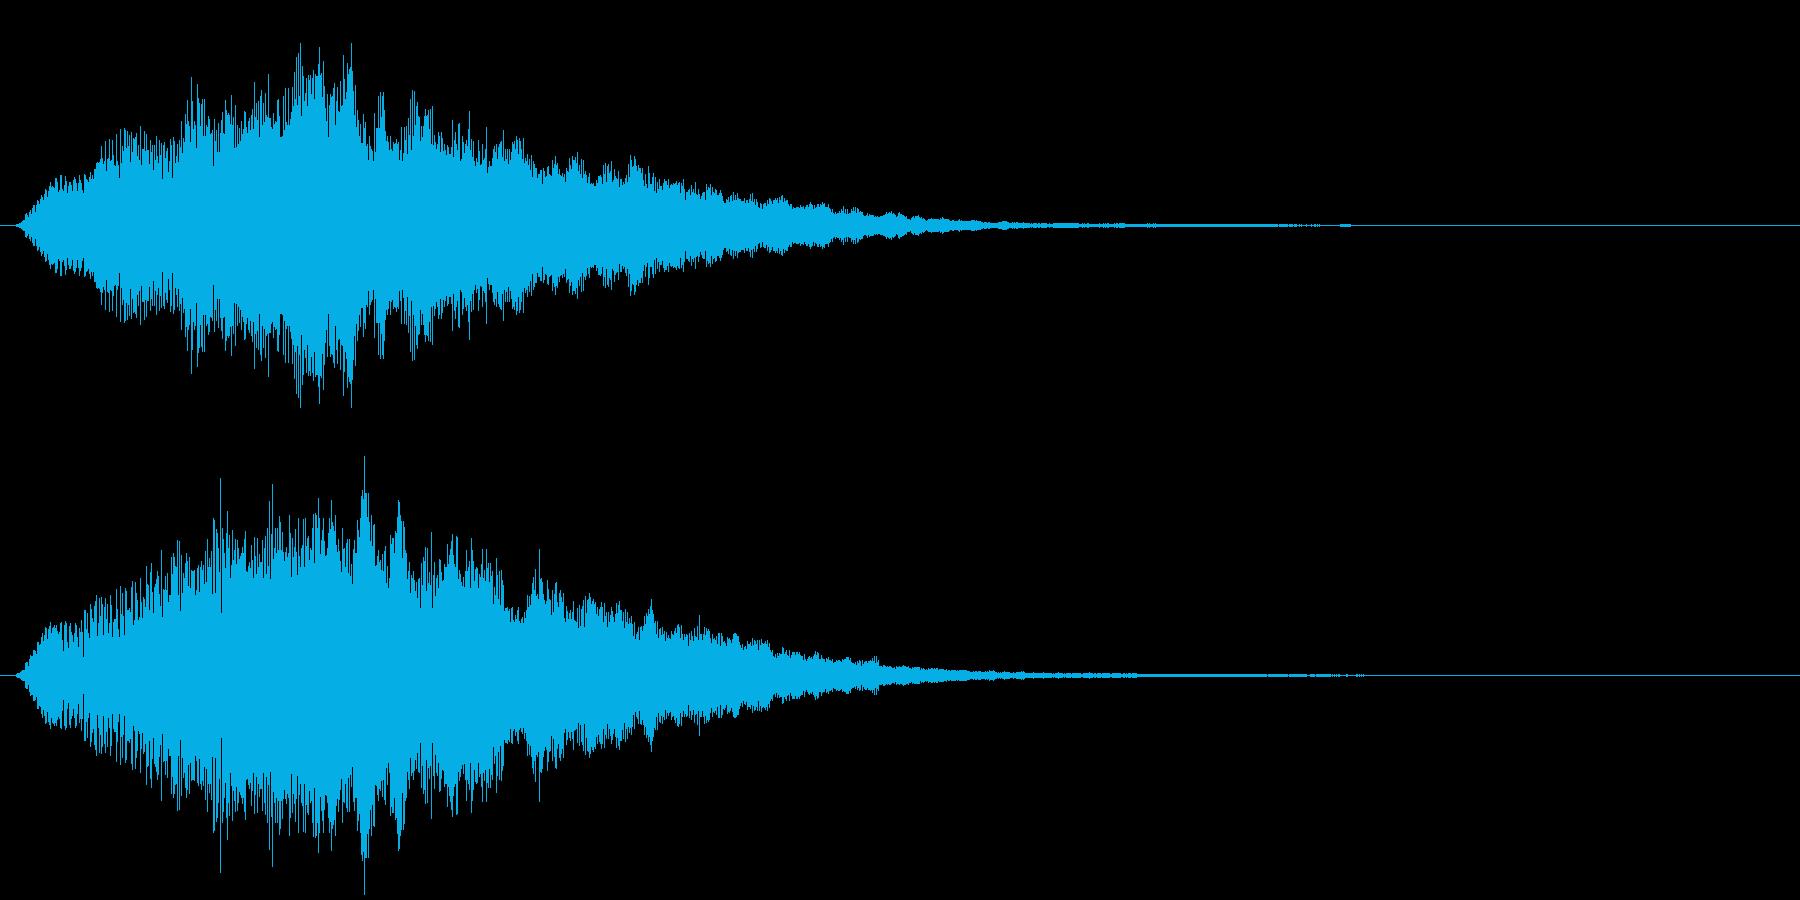 きらきらりーん☆魔法っぽい効果音の再生済みの波形